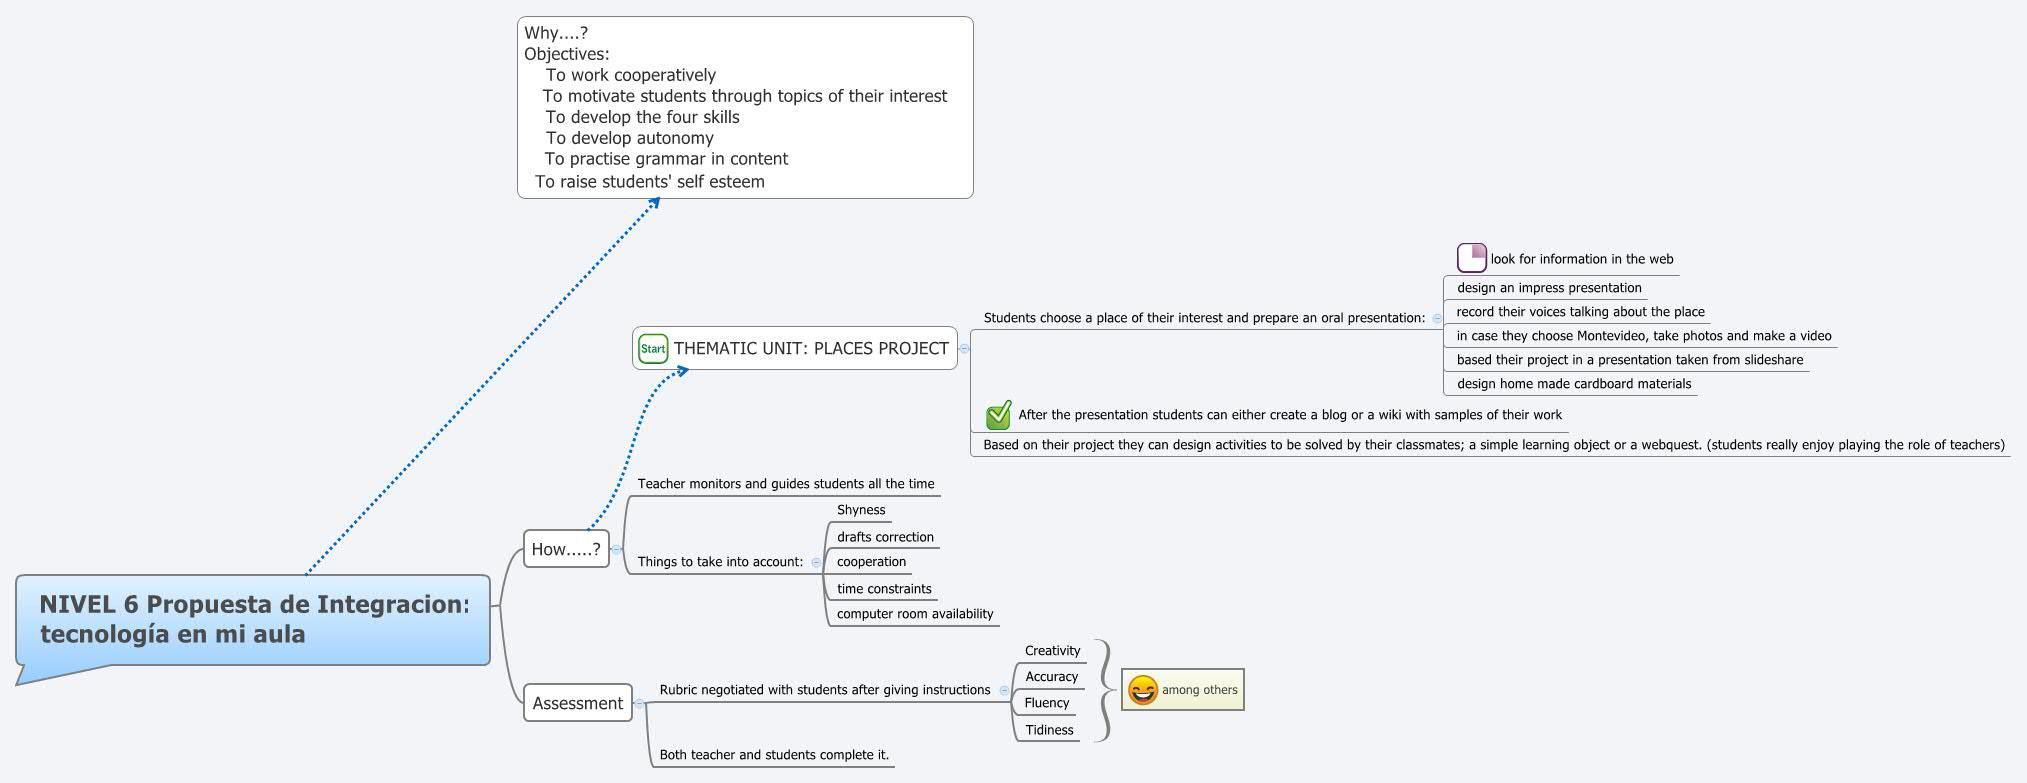 NIVEL 6 Propuesta de Integracion: tecnología en mi aula - XMind